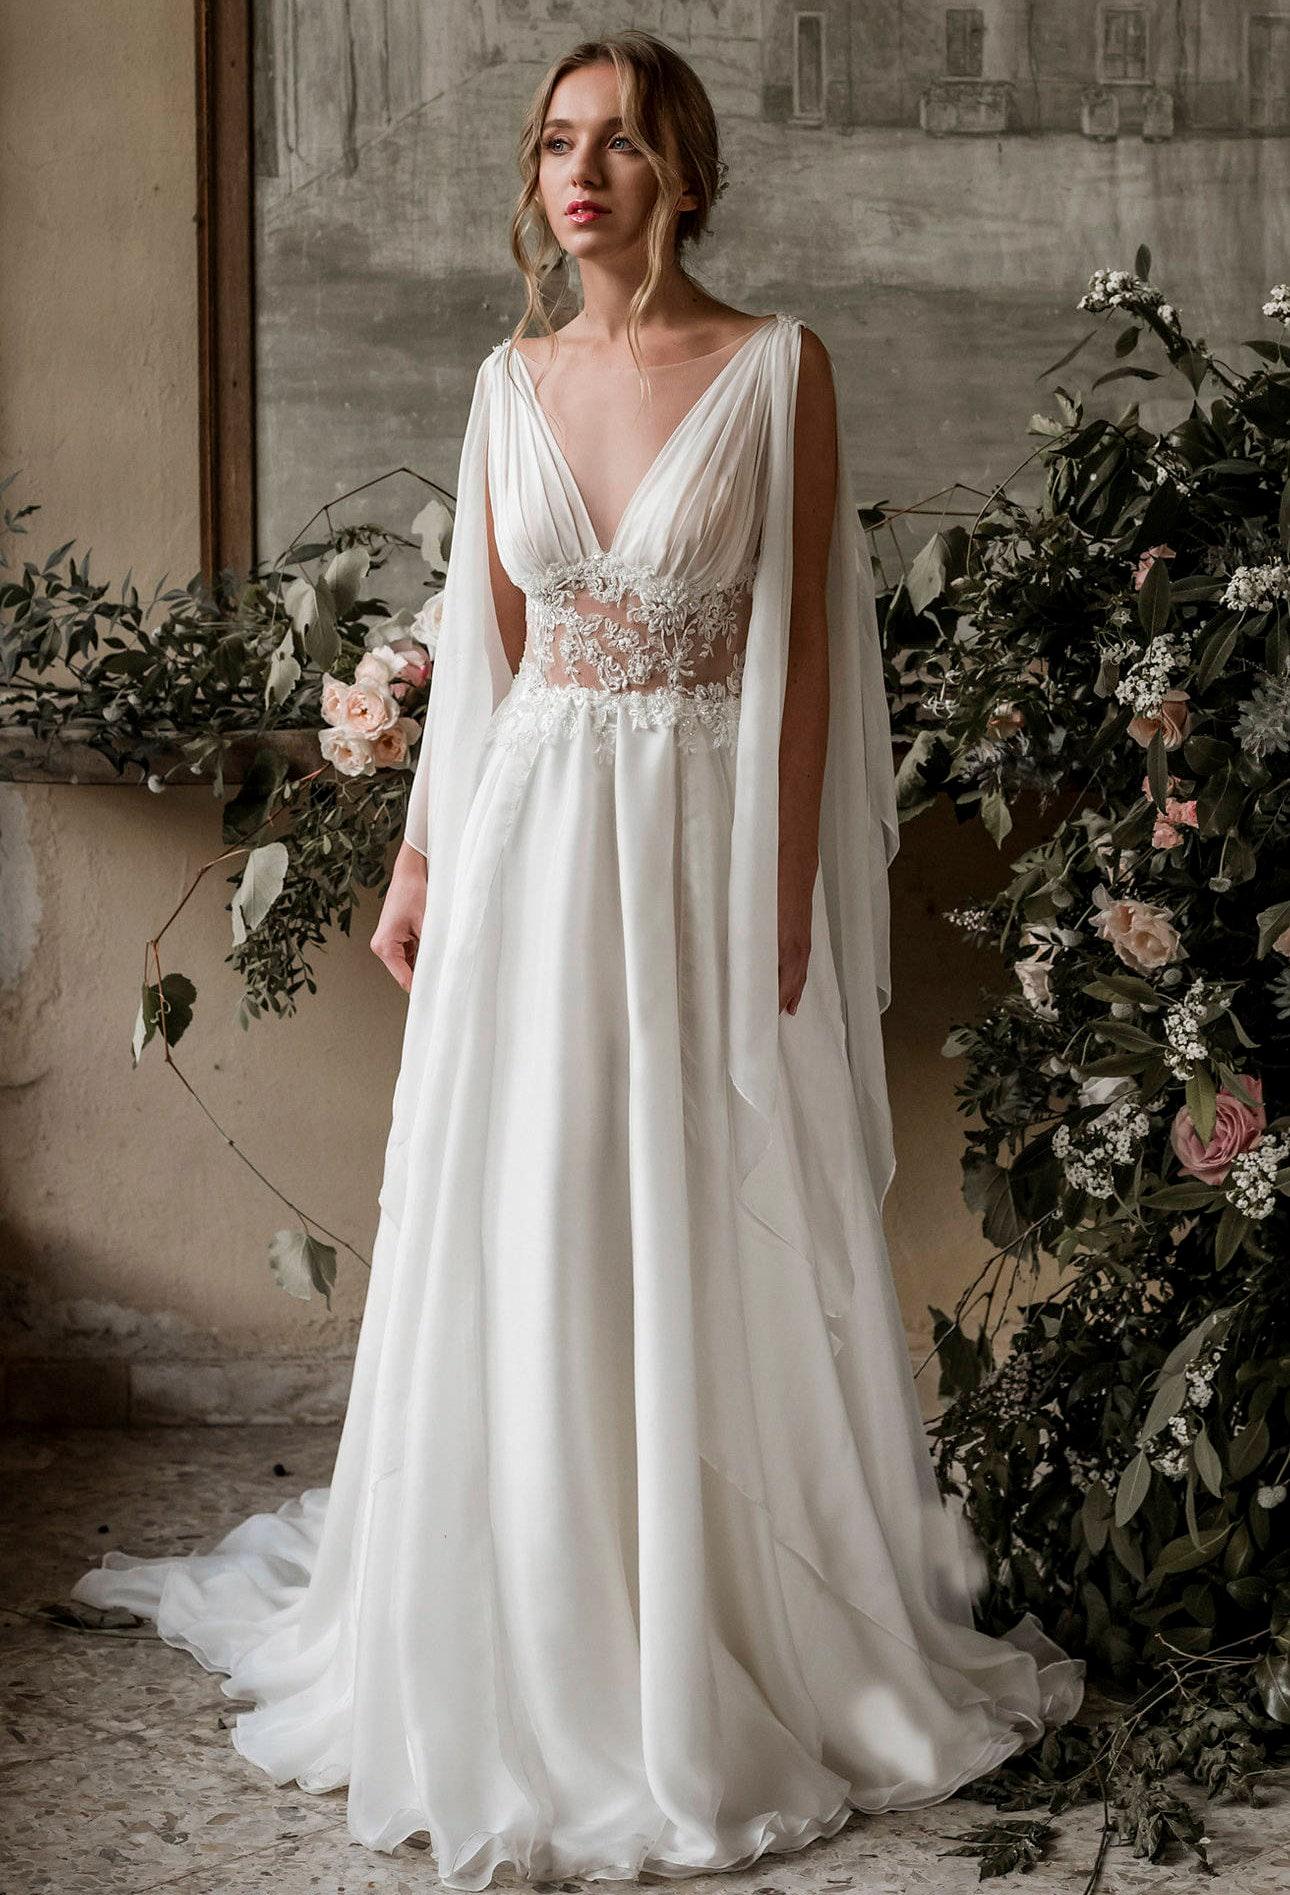 Griechischen Hochzeit griechischen Brautkleid griechischen